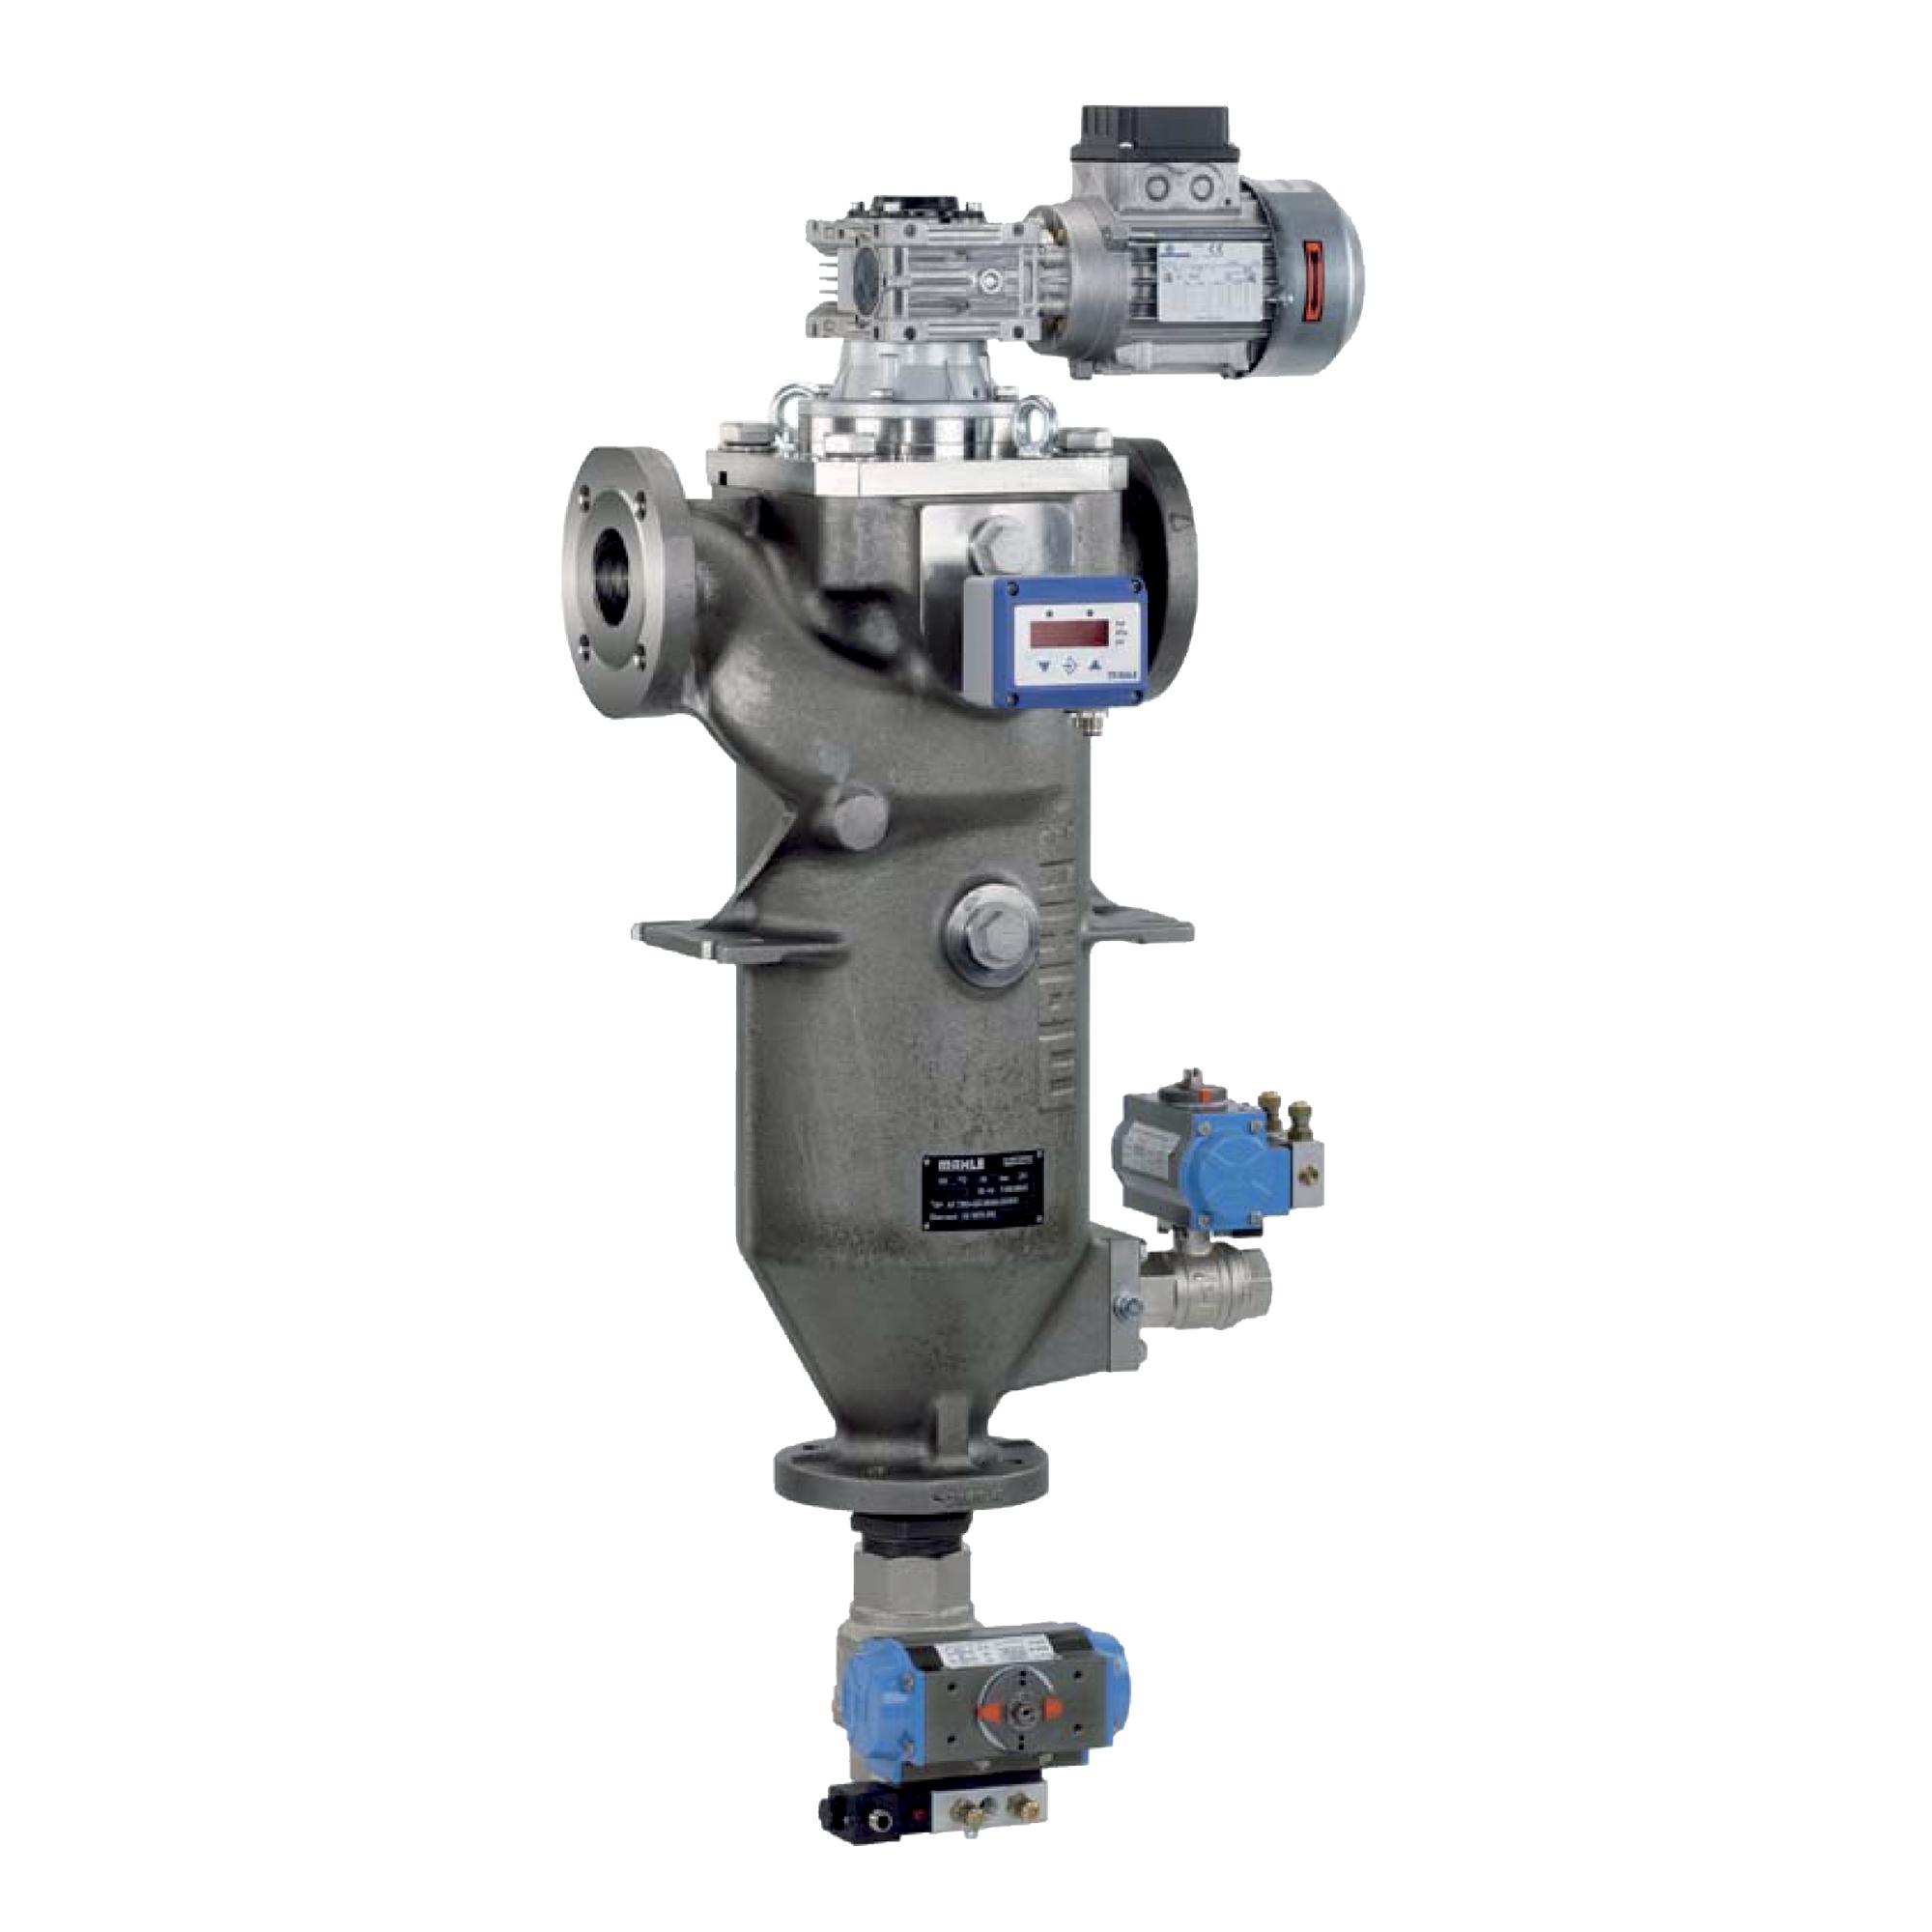 Filterhus, automatfilter for prosess, varenummer AF113G